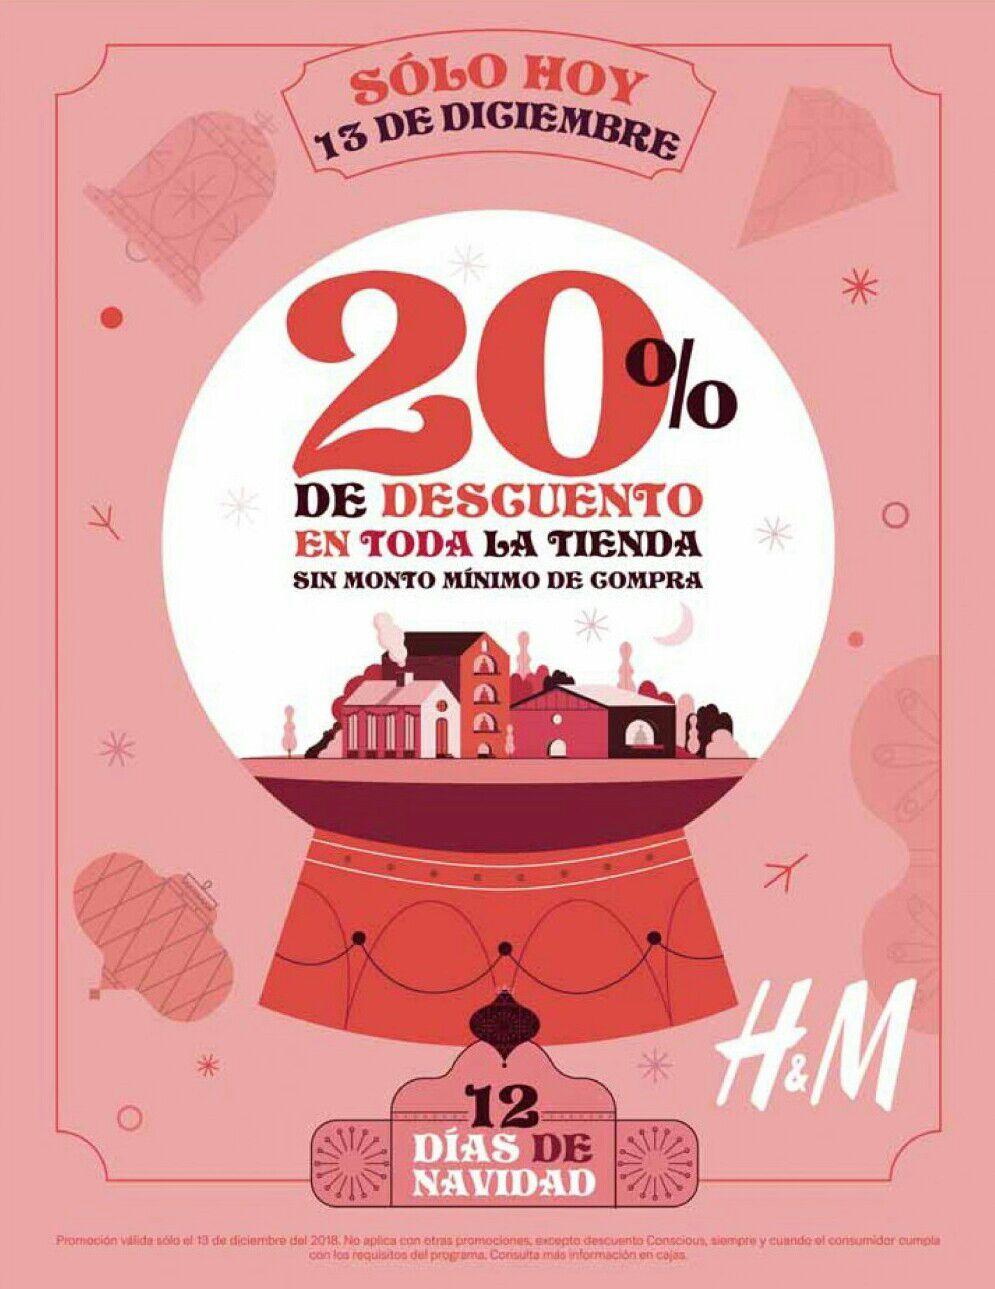 H&M: 12 días de Navidad... Día 1... 20% de descuento en toda la tienda sin monto mínimo de compra